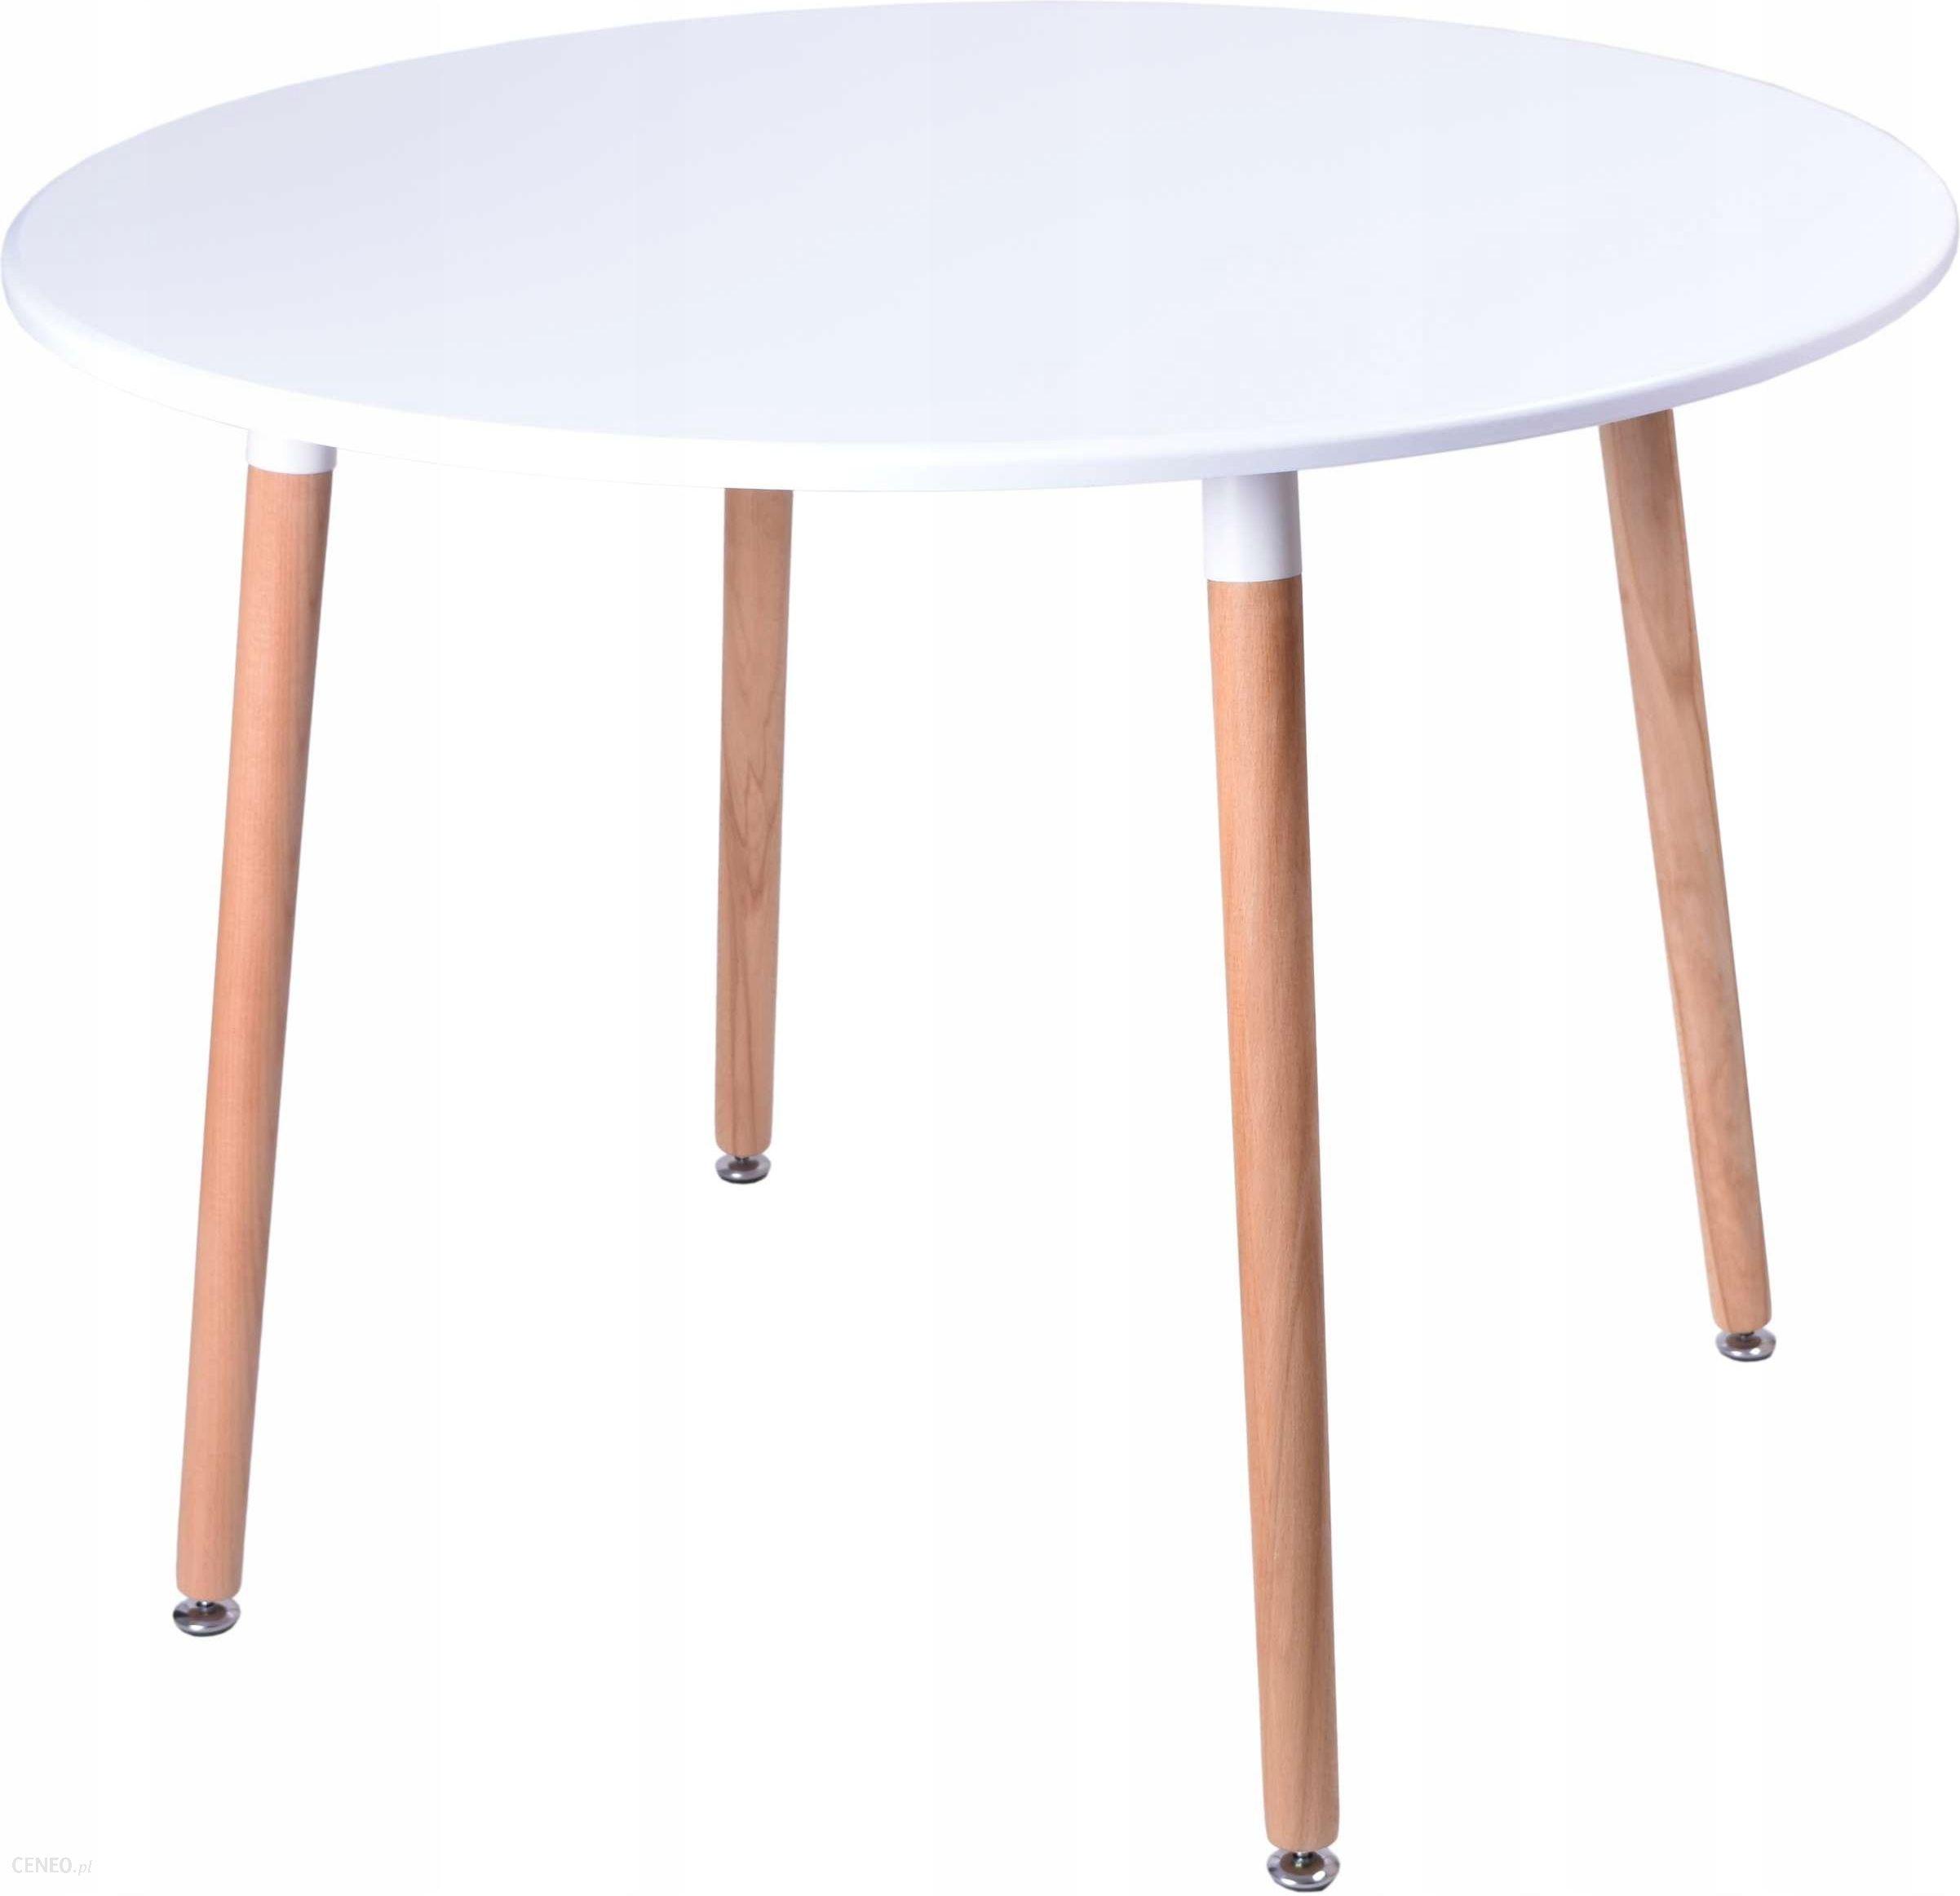 Stół Okrągły Do Salonu Nowoczesny Stolik Dsw 100cm Opinie I Atrakcyjne Ceny Na Ceneopl